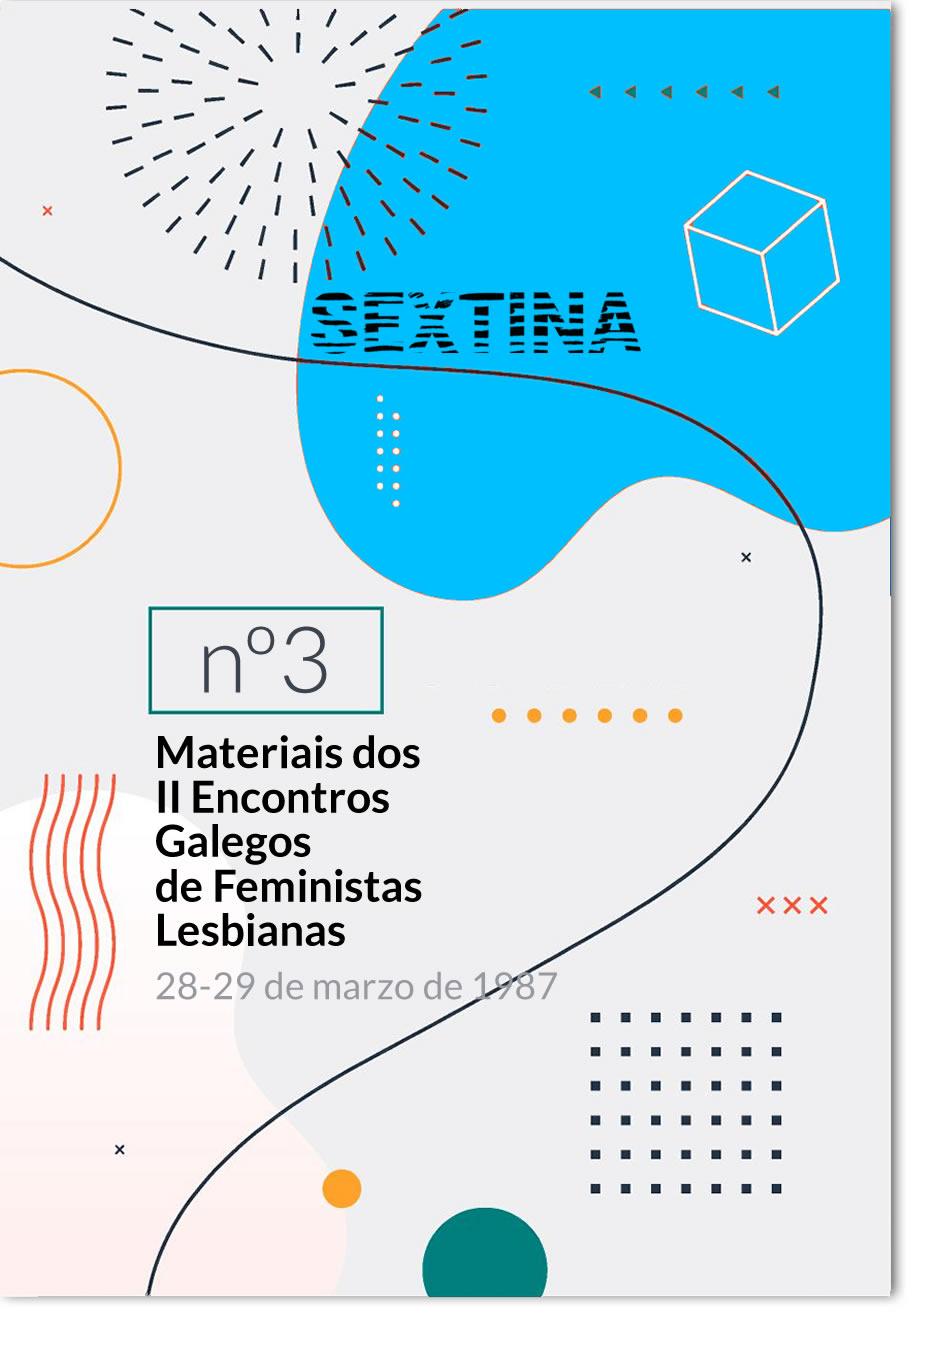 Portada de  Materiais dos II Encontros Galegos de Feministas Lesbianas, 28 e 29 de marzo 1987